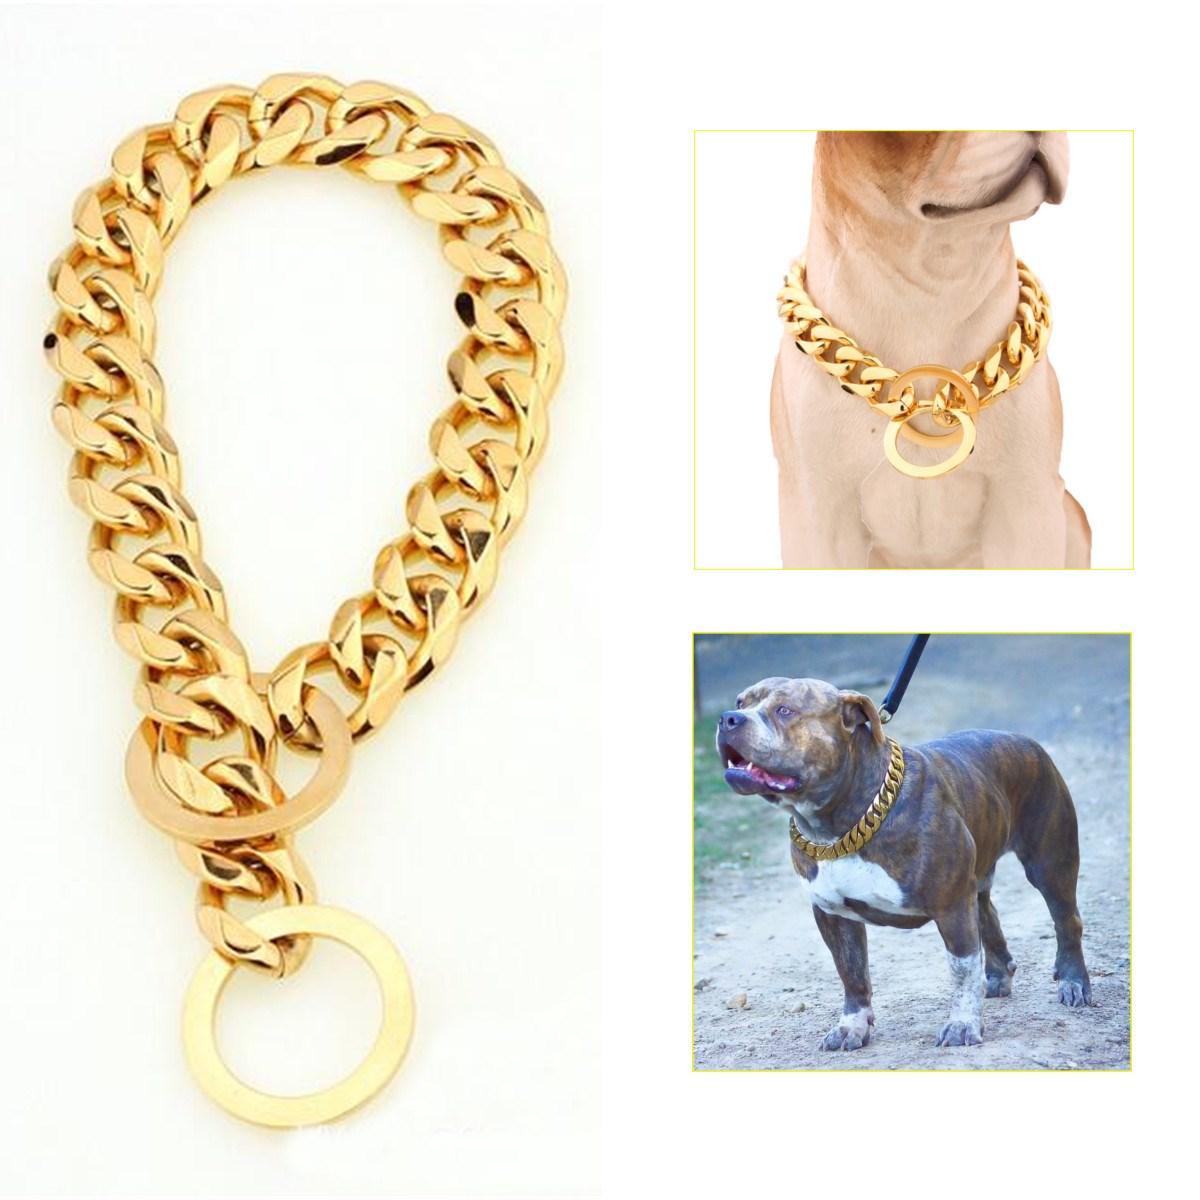 """لوازم الكلب 12-22 """"الكلب سلسلة الذهب طوق 13 ملليمتر واسعة لهجة مزدوجة كبح الكوبي رومبو رابط 316l الفولاذ المقاوم للصدأ بالجملة"""